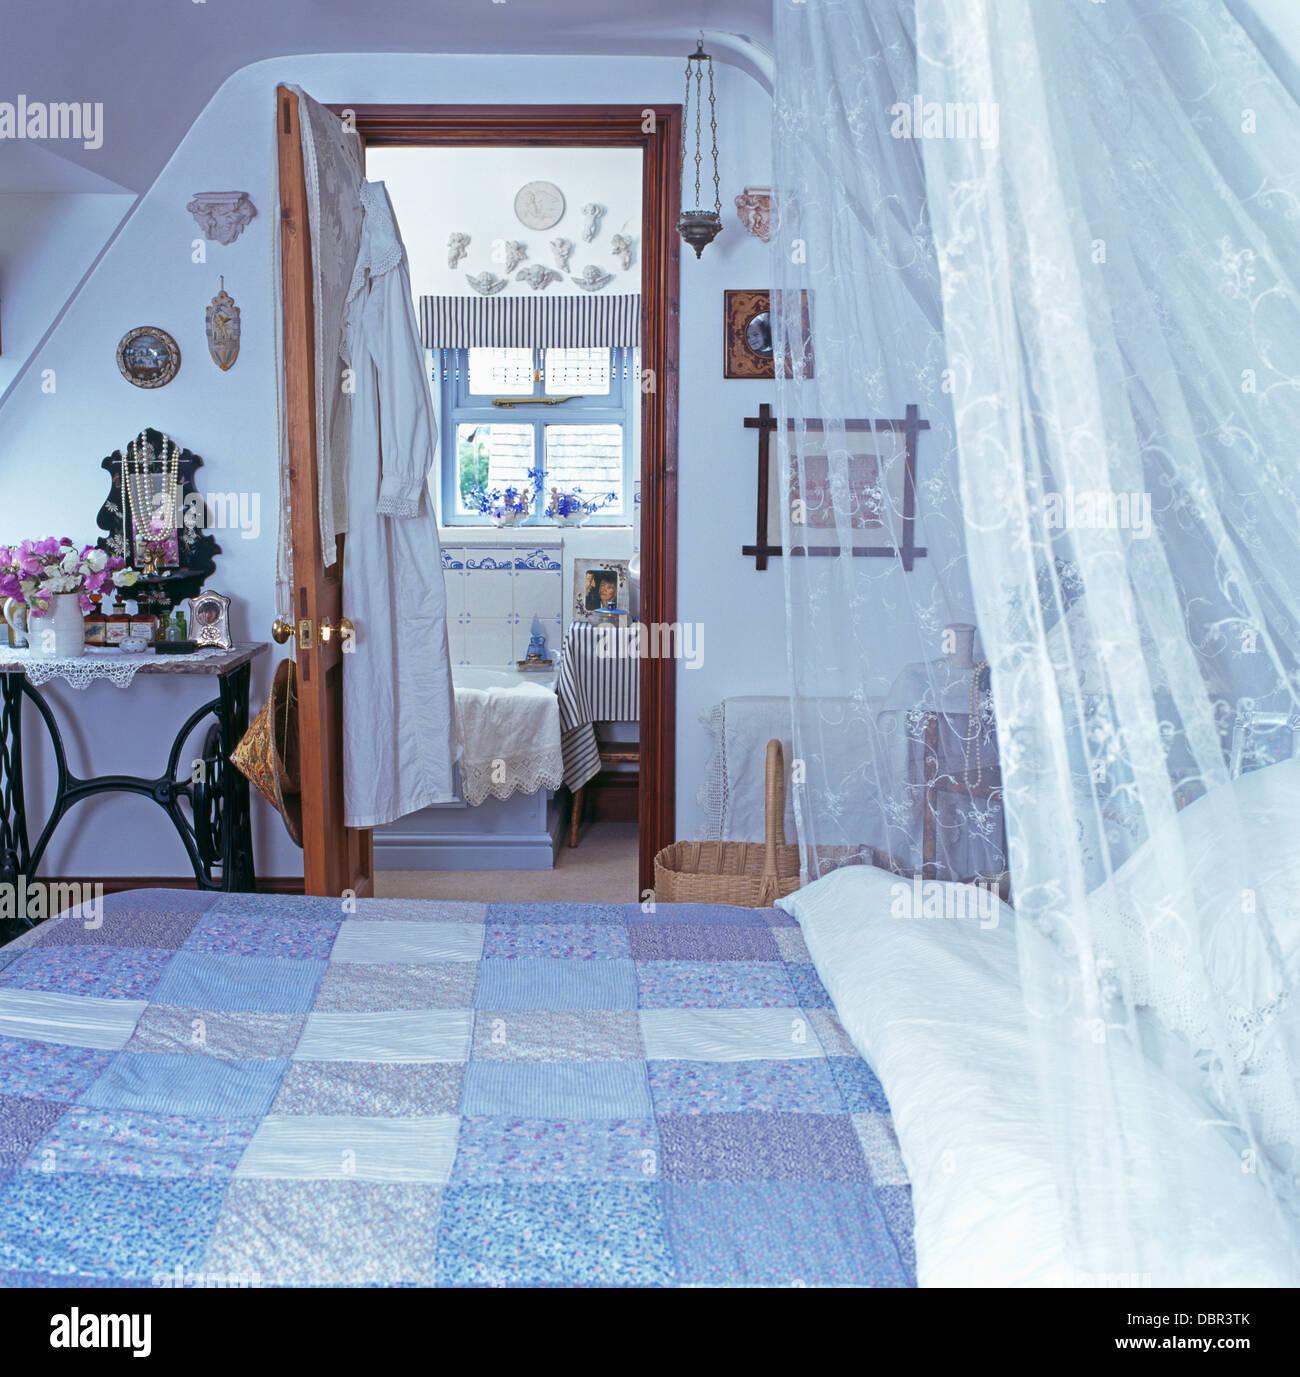 Weißen Voile Vorhänge Und Blauen Patchwork Quilt Auf Bett Im Dachgeschoss  Schlafzimmer Mit Tür Offen Für En Suite Badezimmer